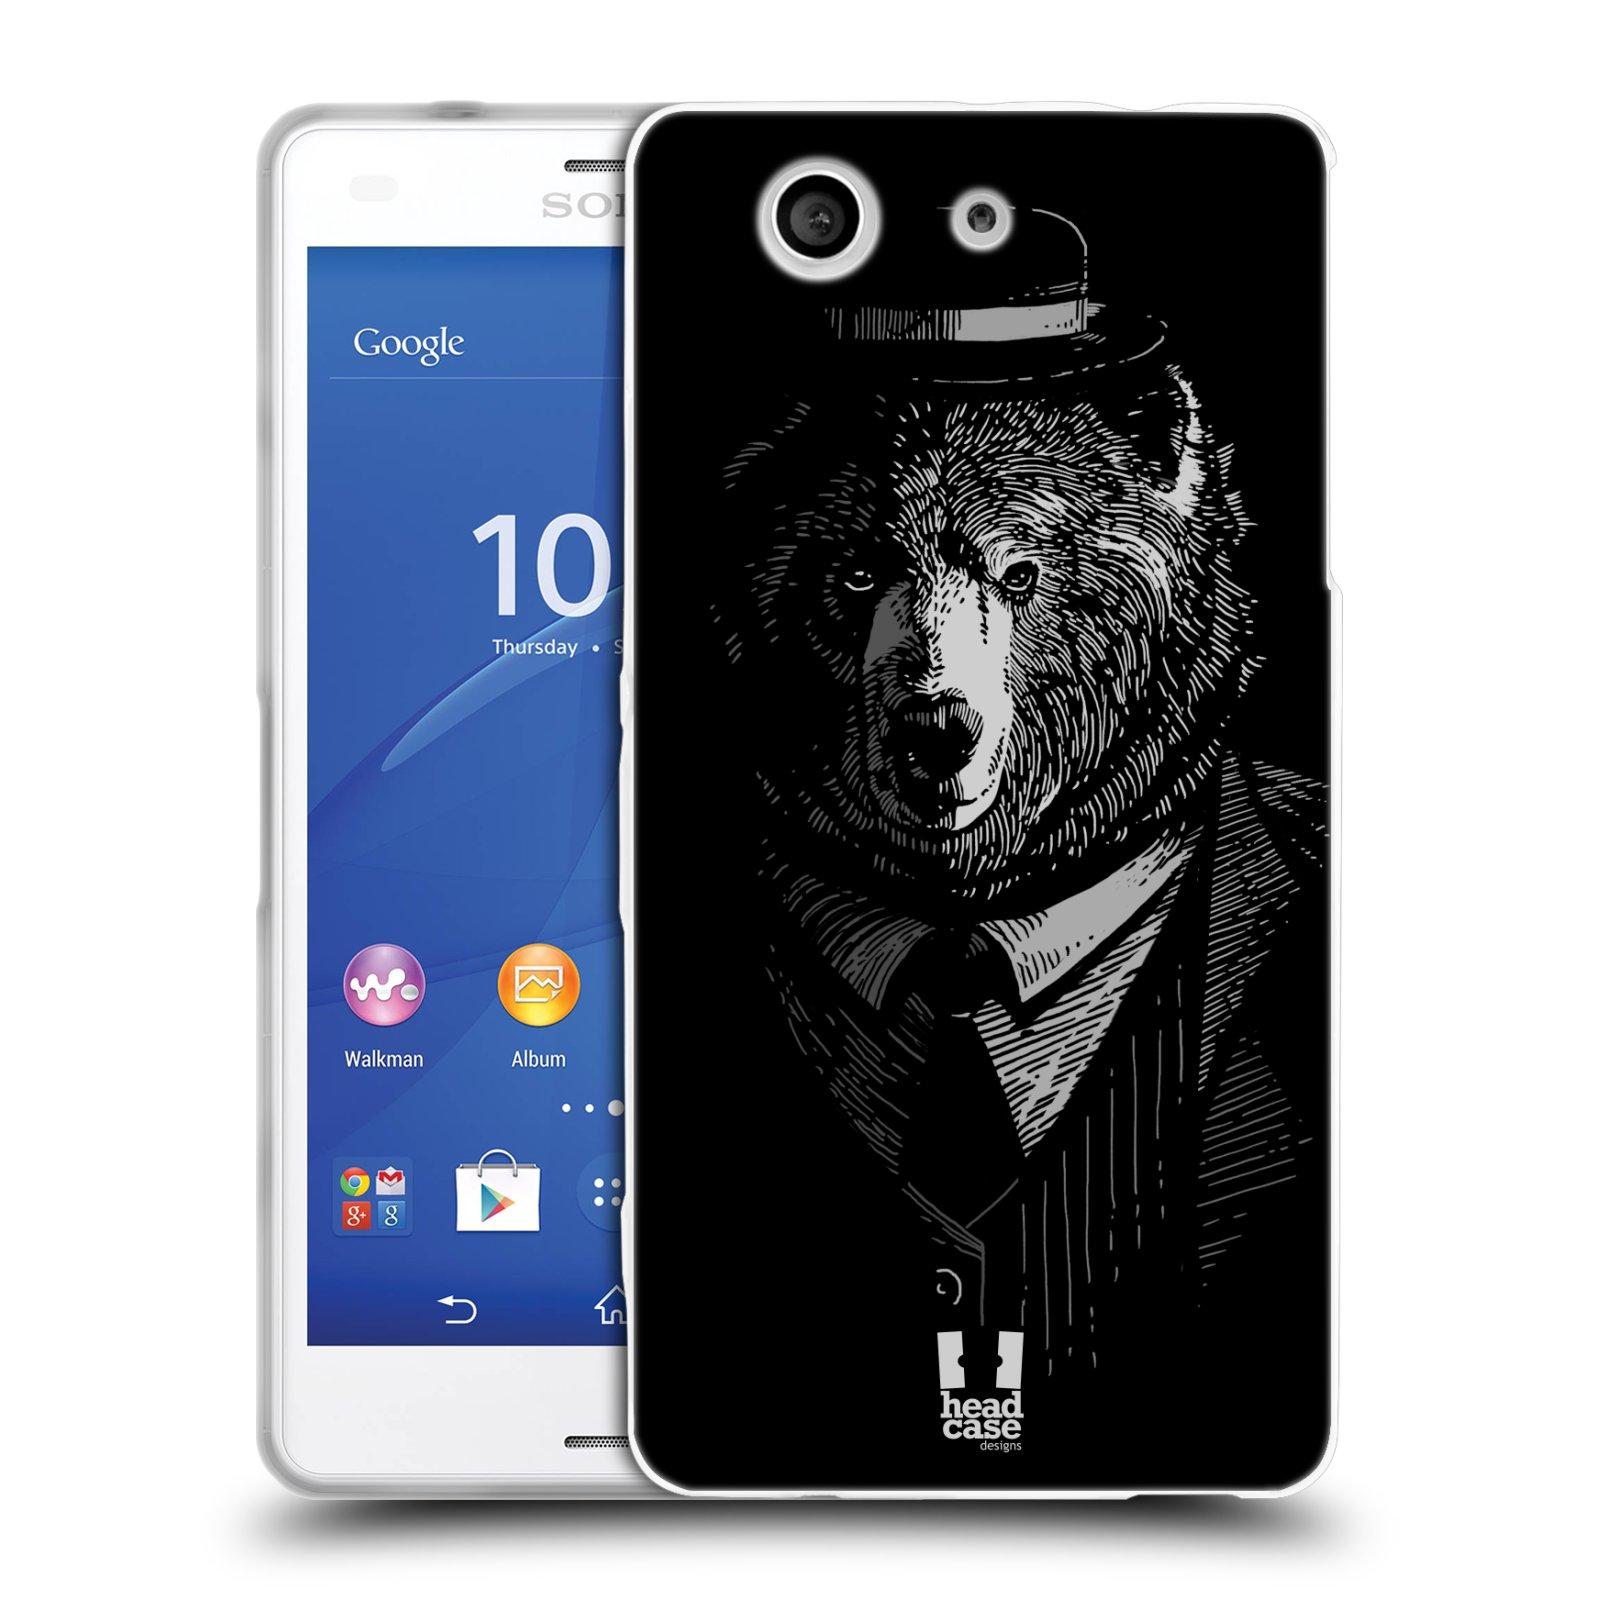 HEAD CASE silikonový obal na mobil Sony Xperia Z3 COMPACT (D5803) vzor Zvíře v obleku medvěd